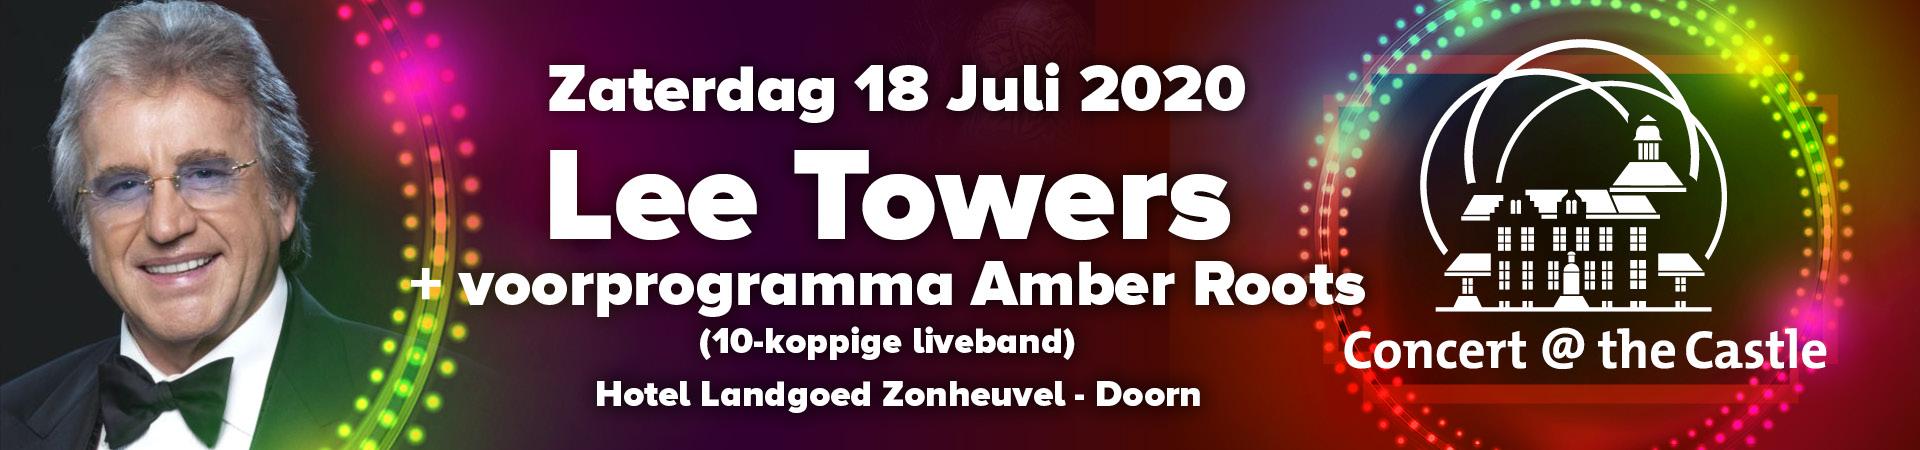 Concert @ The Castle - Lee Towers - 18 Juli